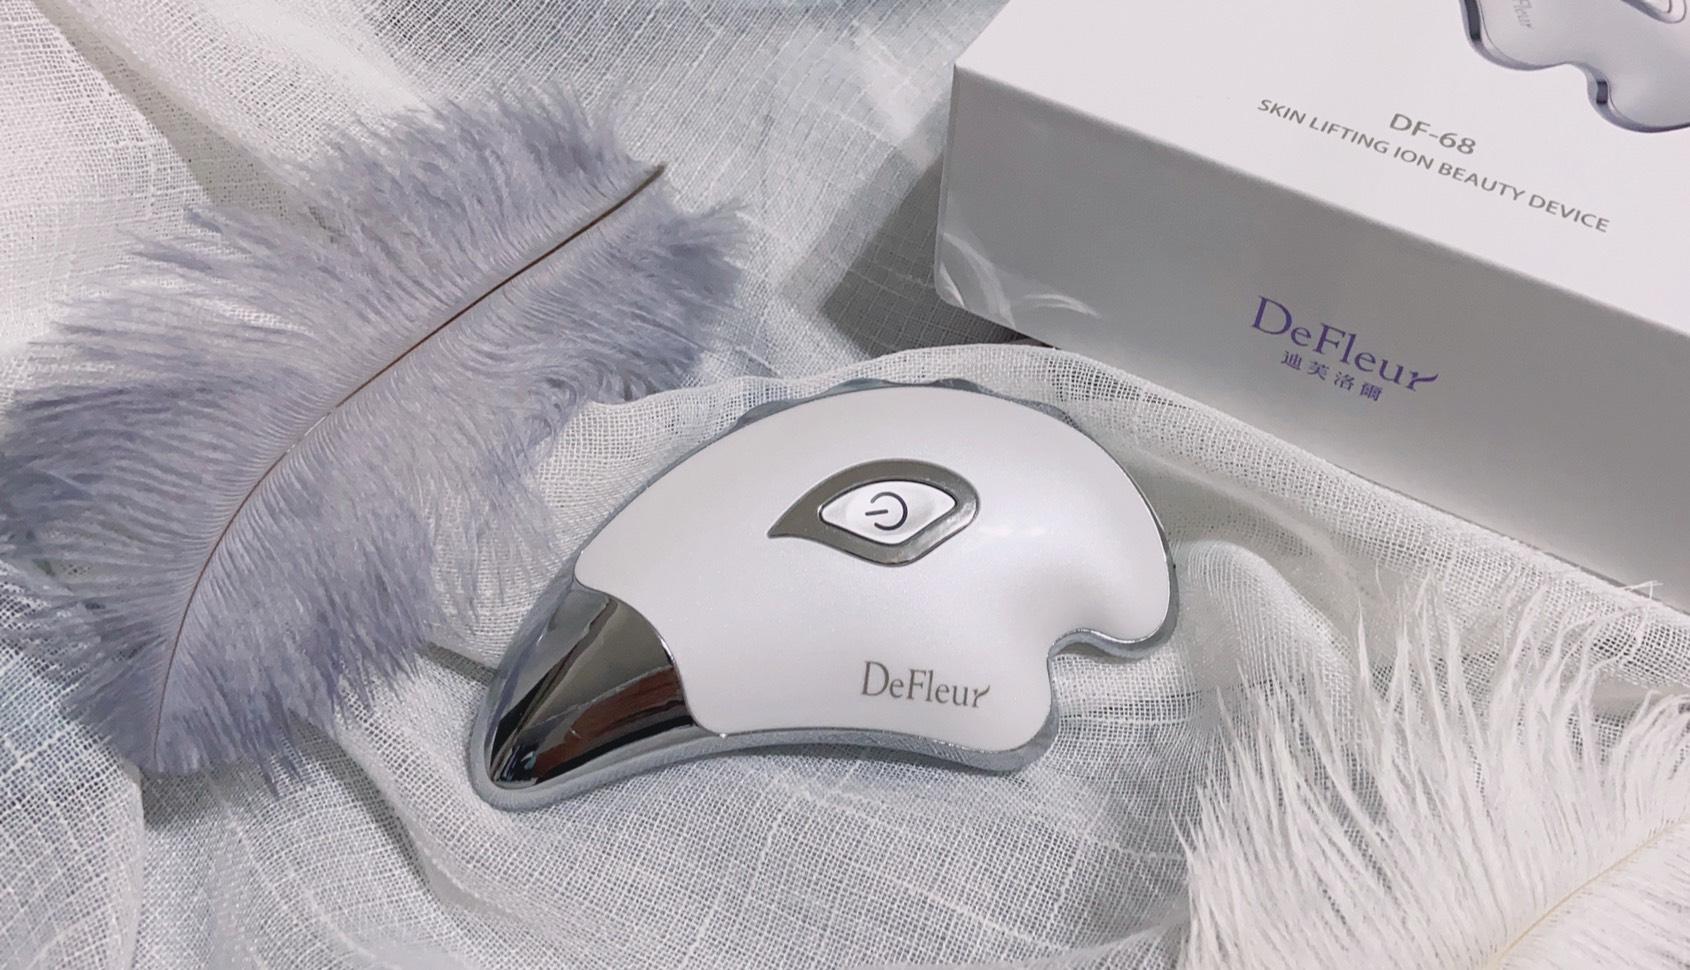 網站近期文章:DeFleur天使之翼熱導按摩儀。能按摩+刮痧+輪廓線U→V 的掌上型美容神器